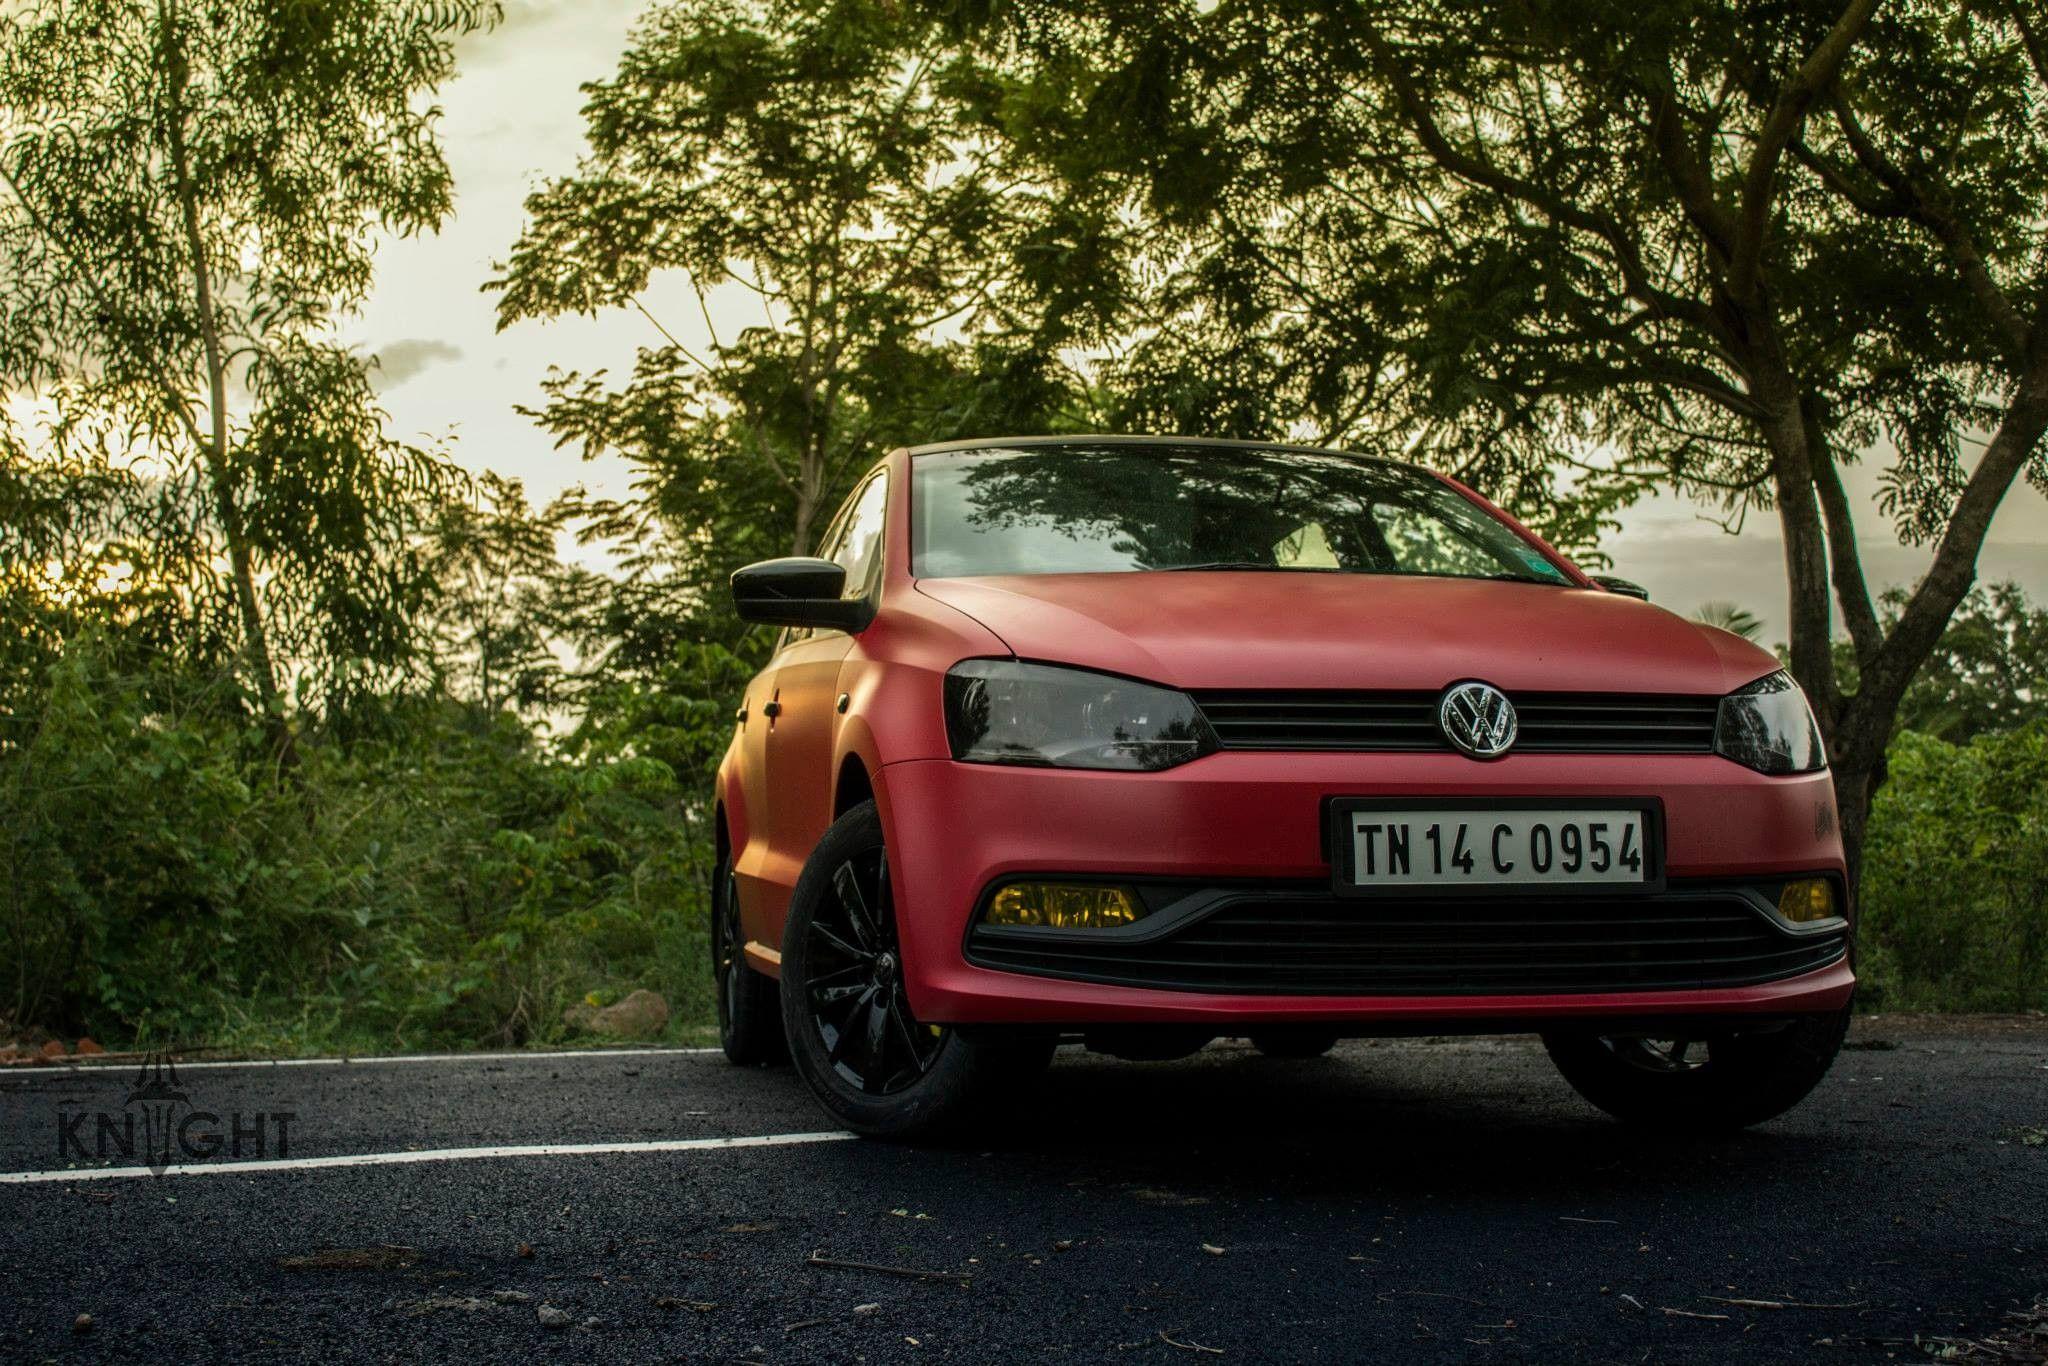 Vw Polo Wrapped In Satin Red Avery Dennison Knight Auto Customizer Chennai Www Knightindia In Volkswagen Polo Vw Polo Polo Wraps